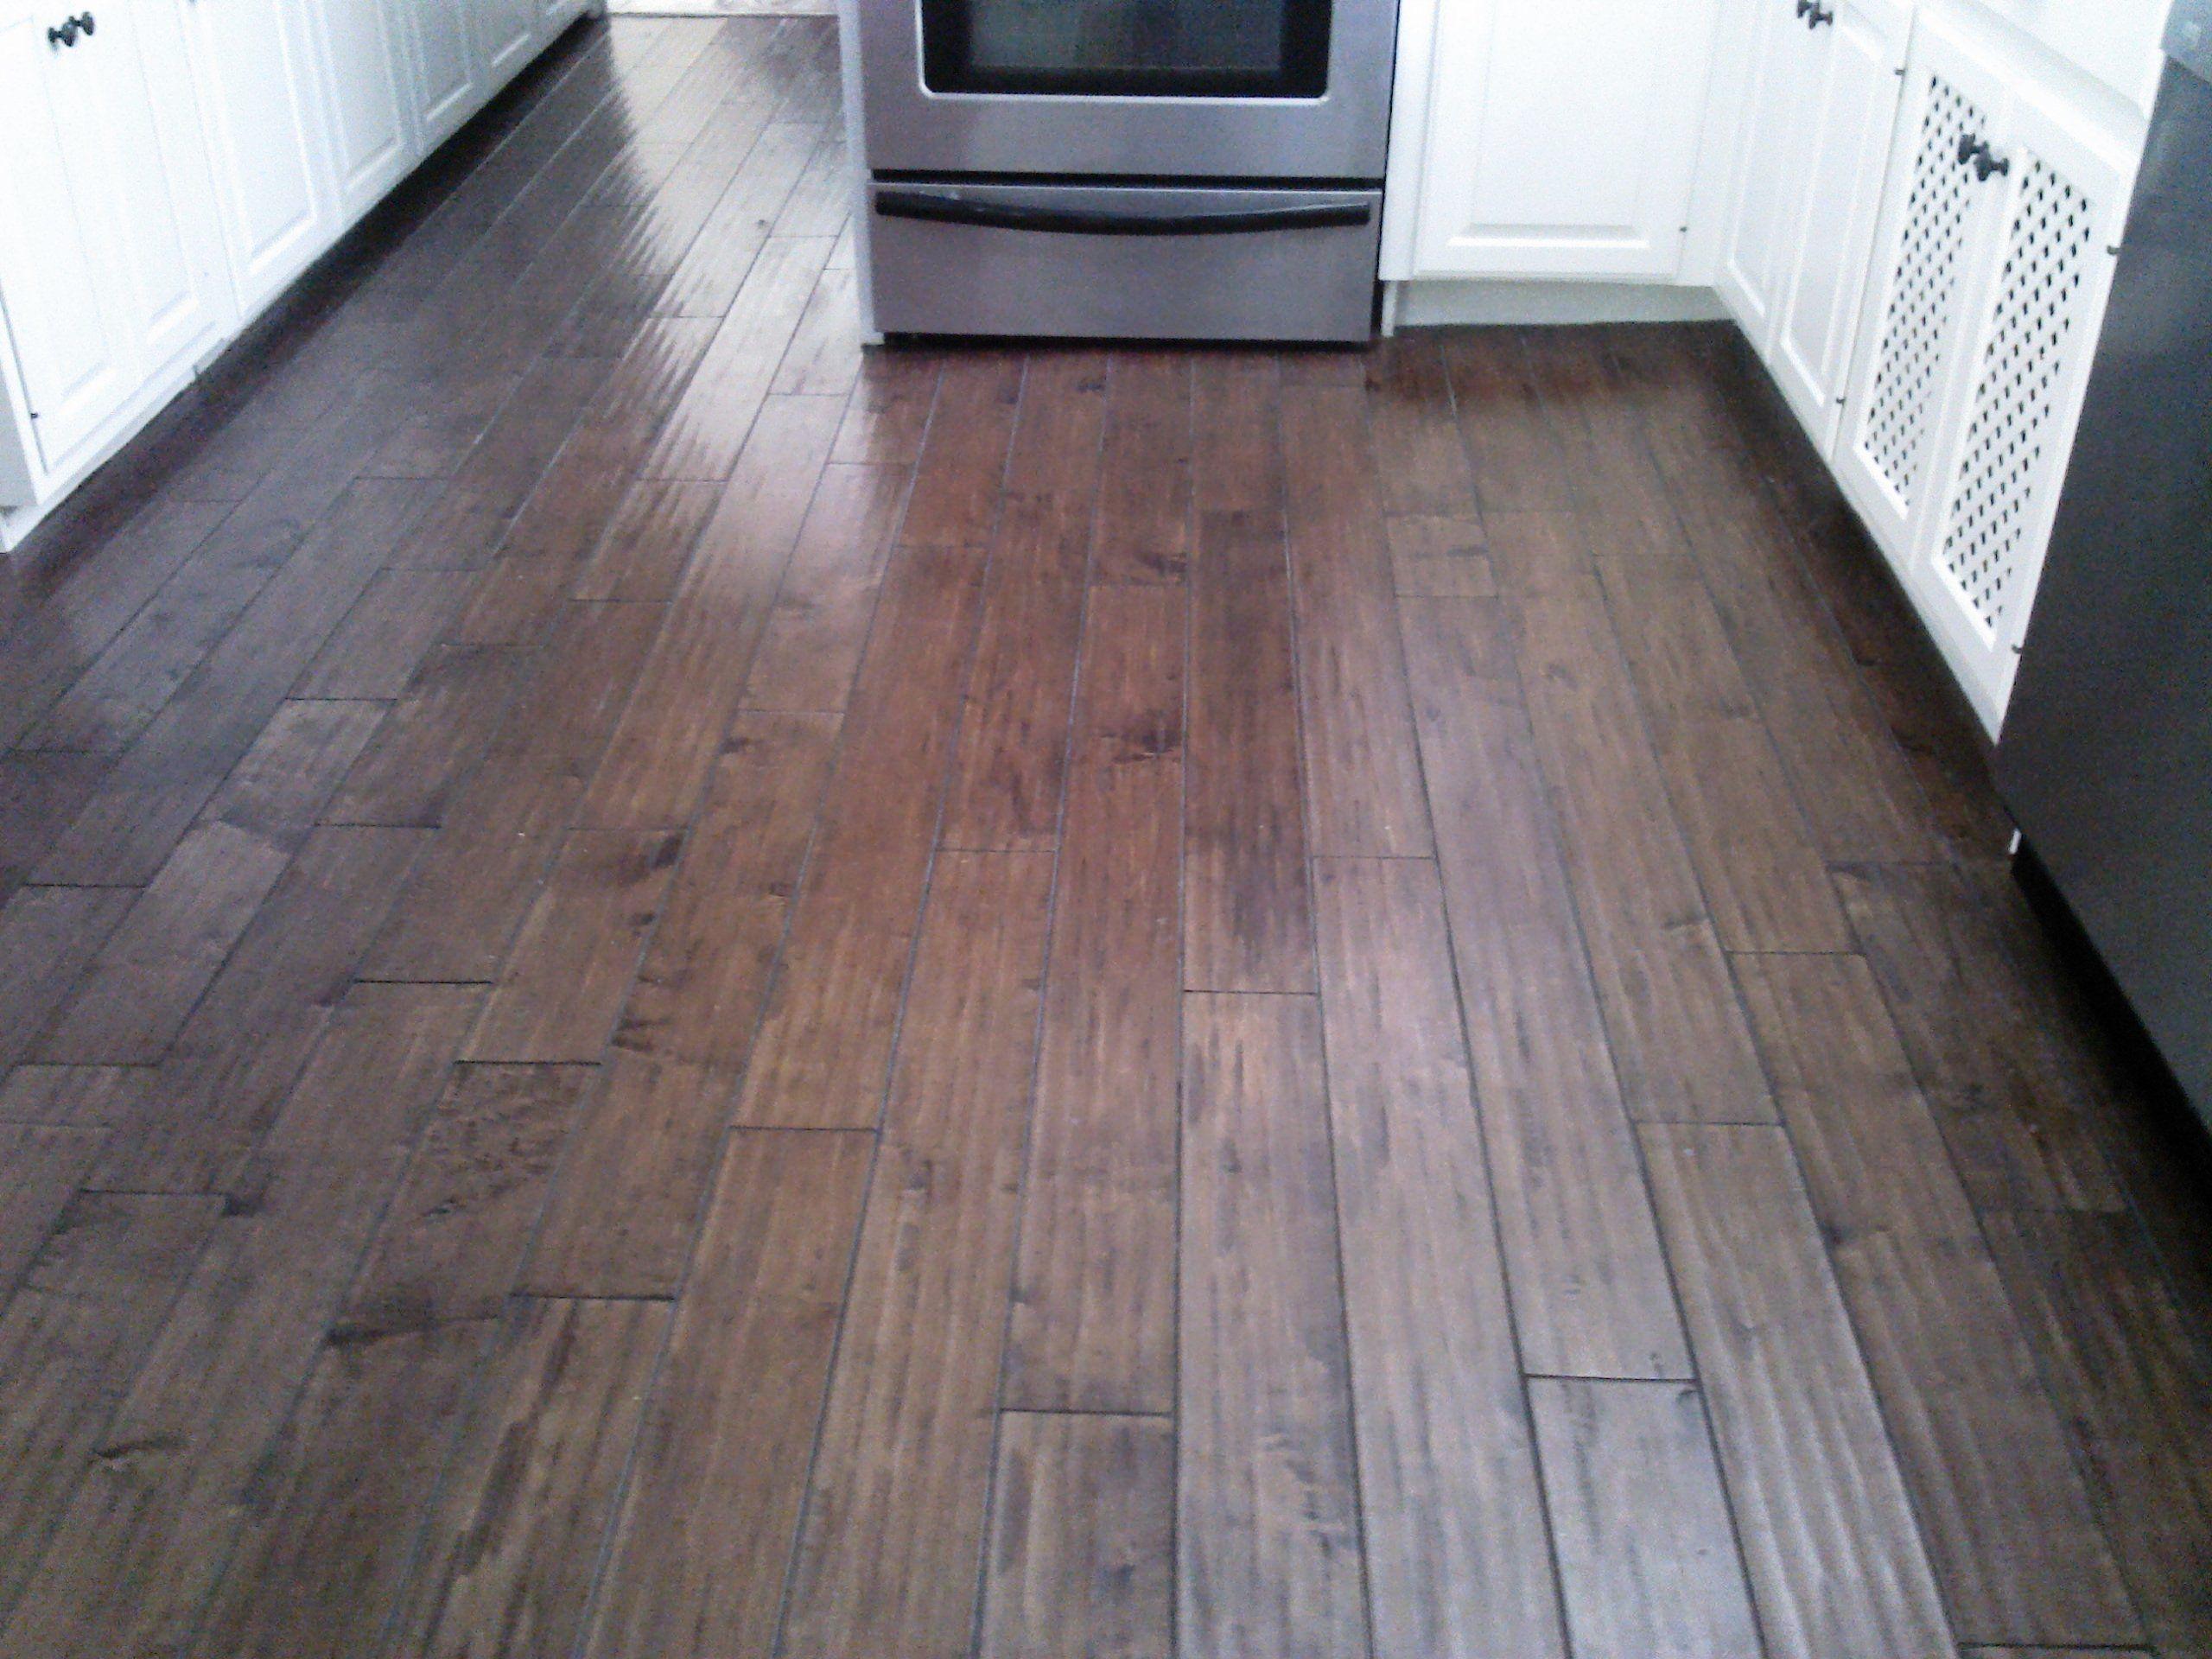 Linoleum Flooring That Looks Like Wood Planks Vinyl Wood Flooring Vinyl Vs Laminate Flooring Engineered Wood Floors